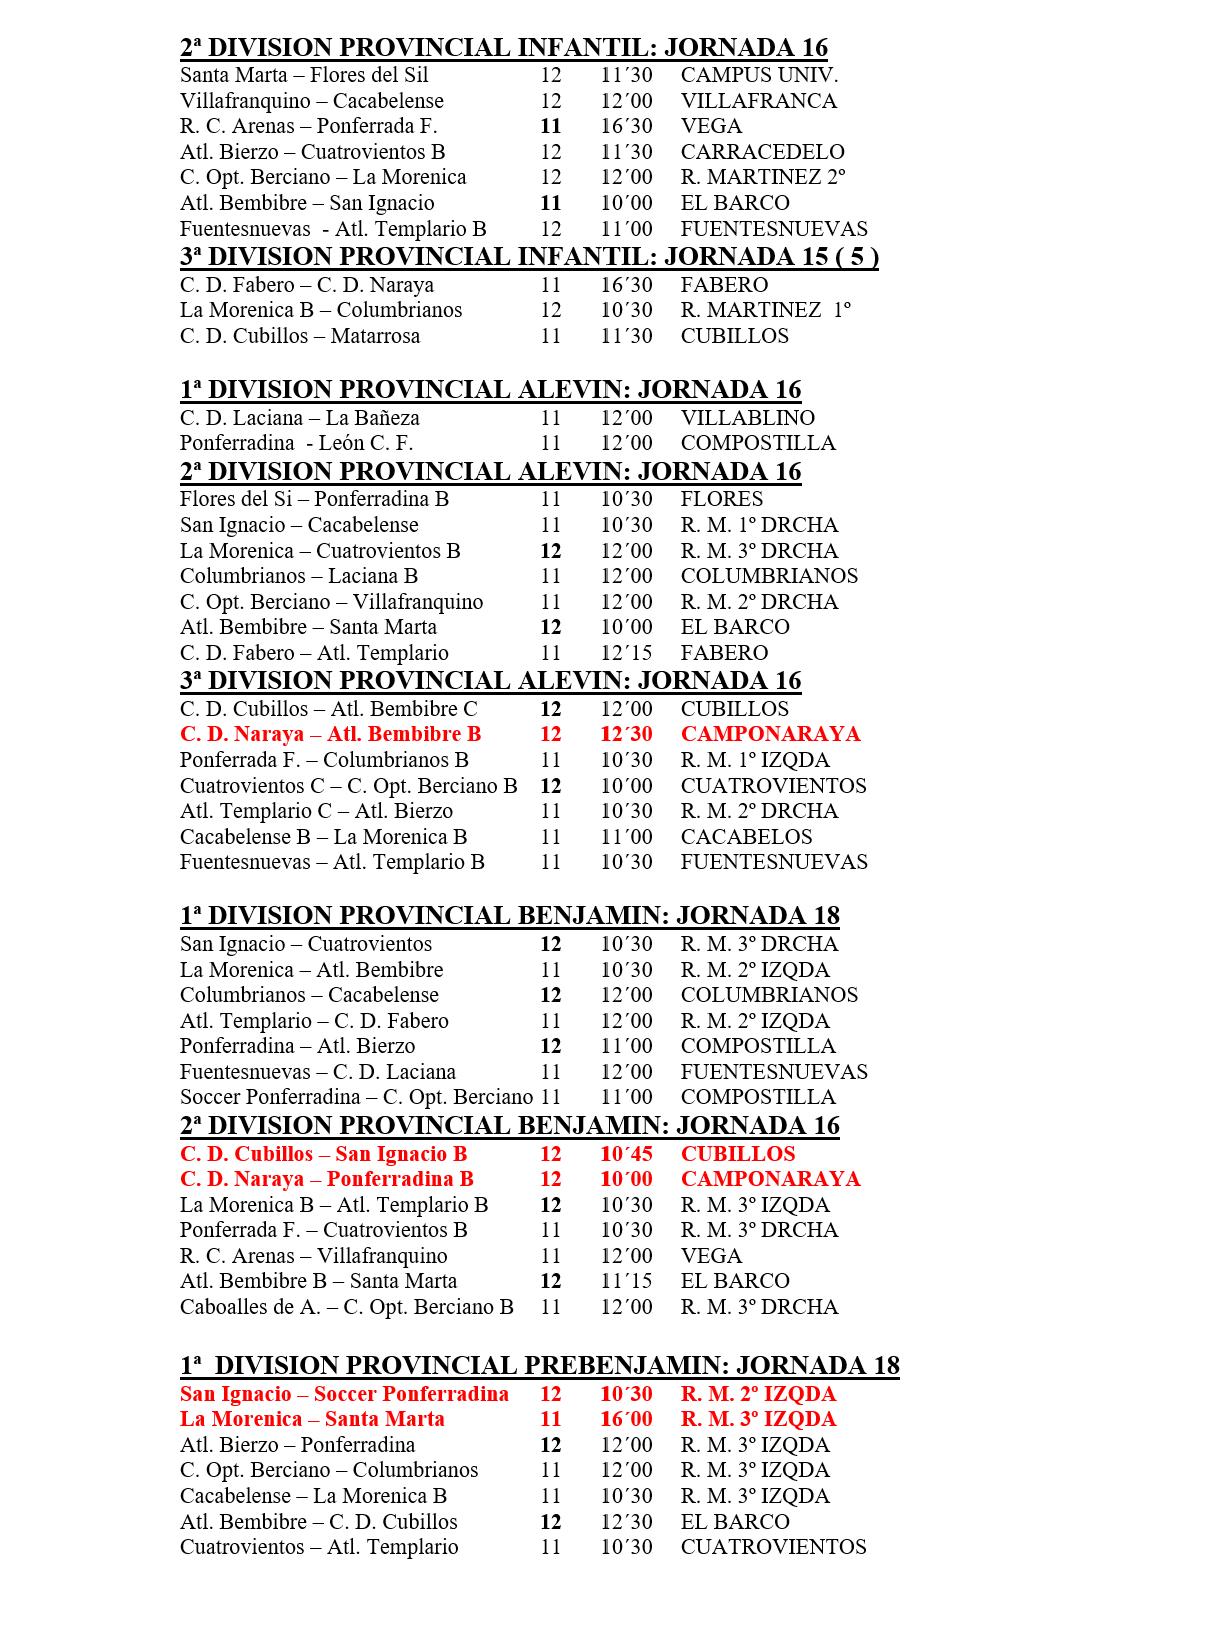 Fútbol base jornada del 11 y 12 de febrero 3